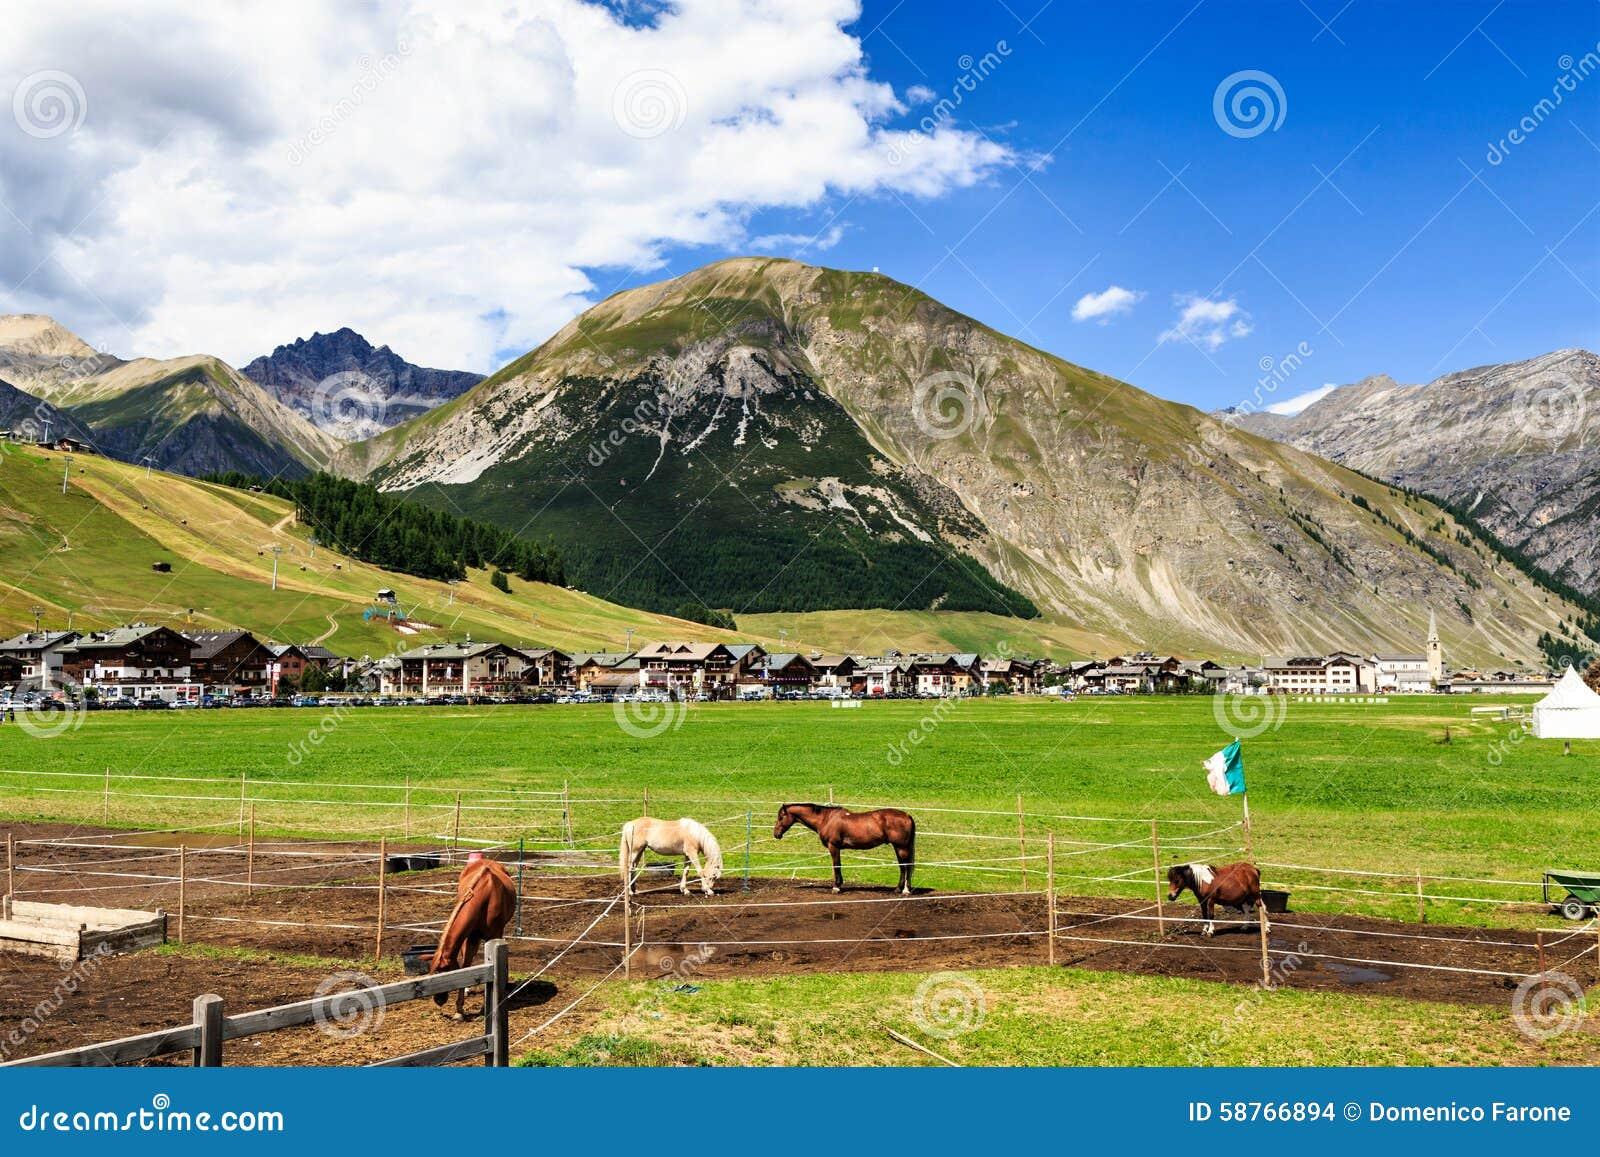 Horse farm in green valley near livigno italy stock photo for Green italy